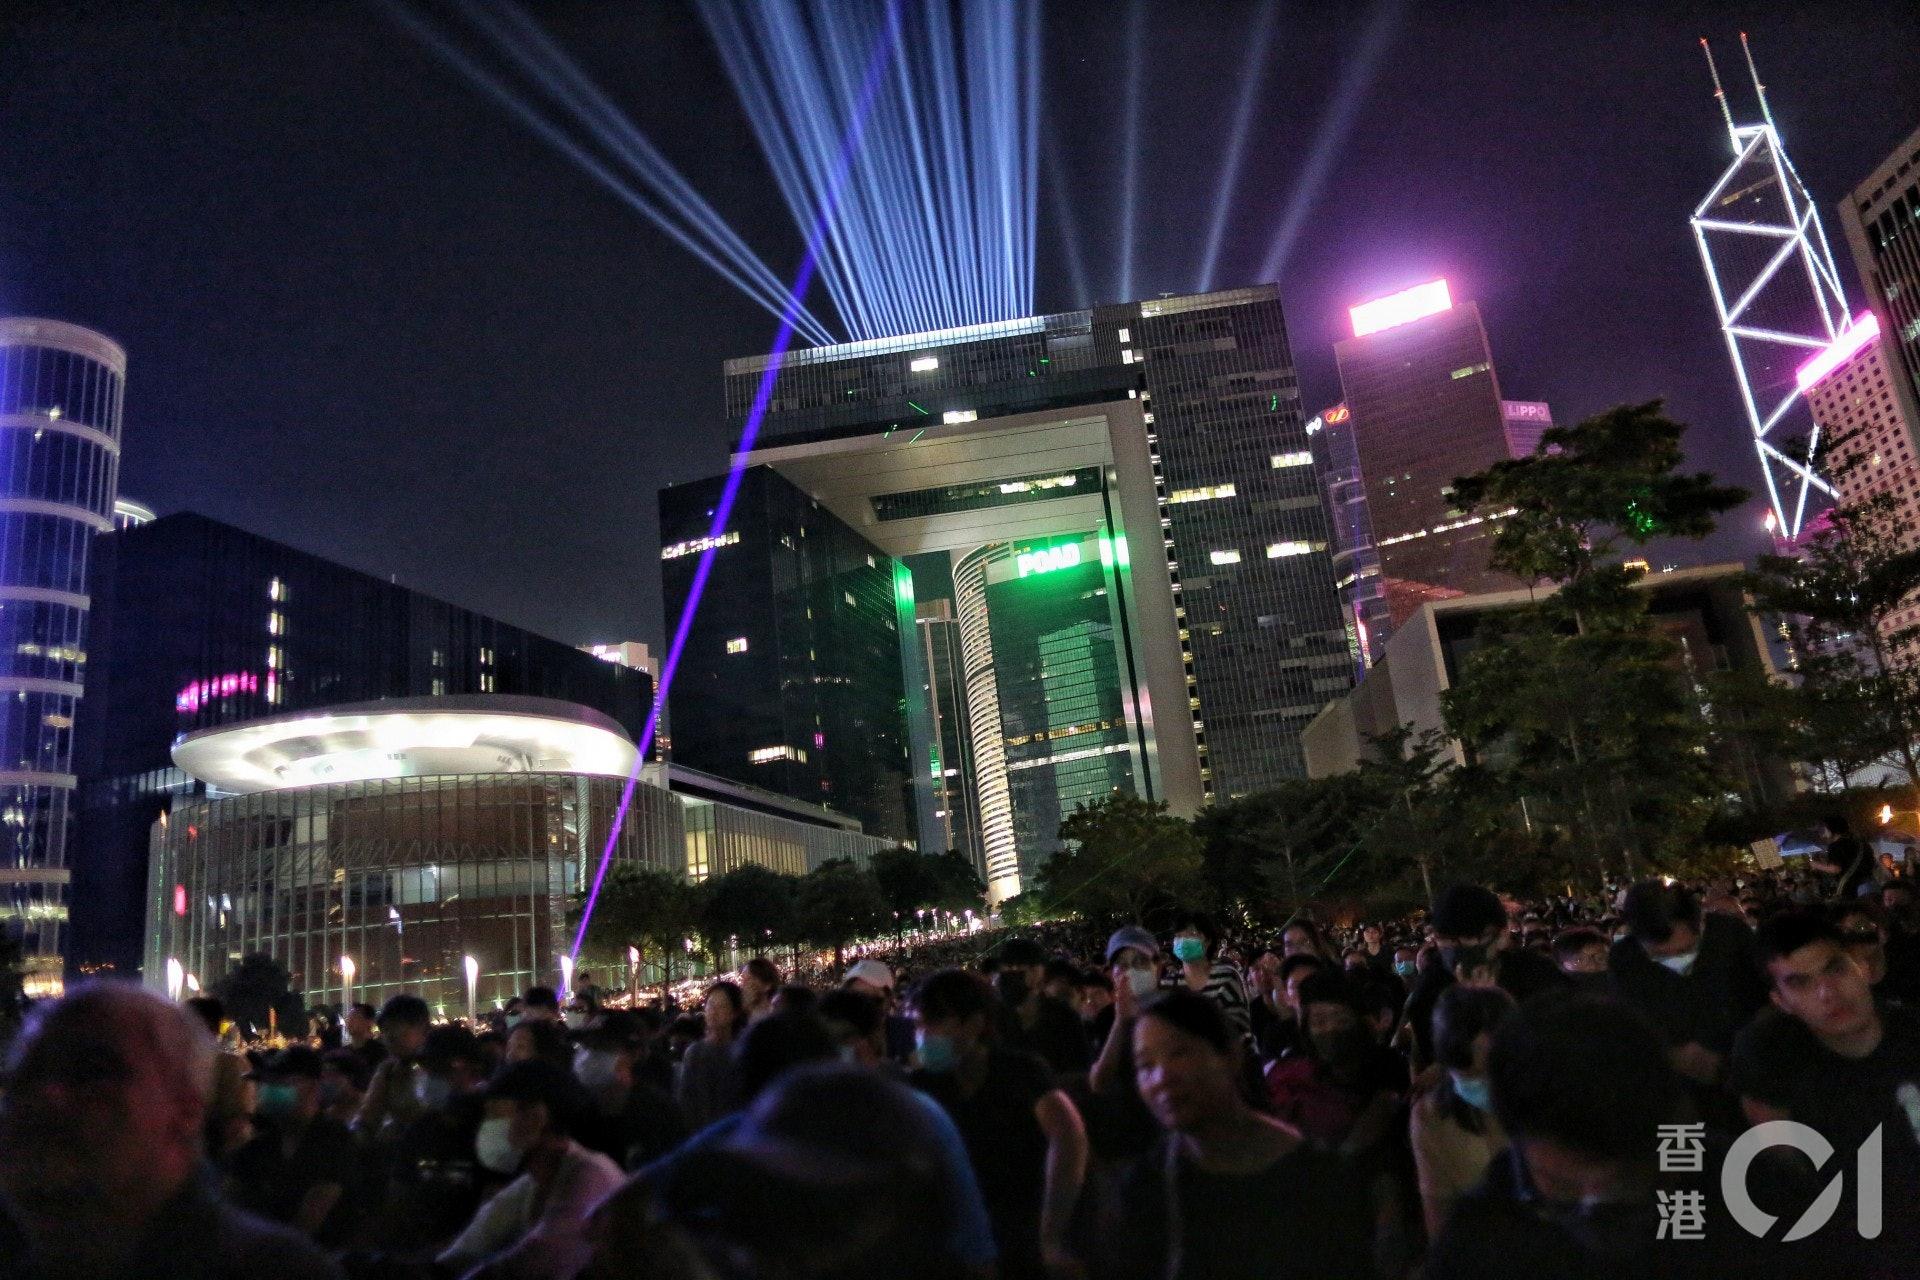 2019年9月28日,警方在晚上8時33分表示即將驅散夏愨道的示威者,但添馬公園仍然大批「和理非」。(梁鵬威攝))